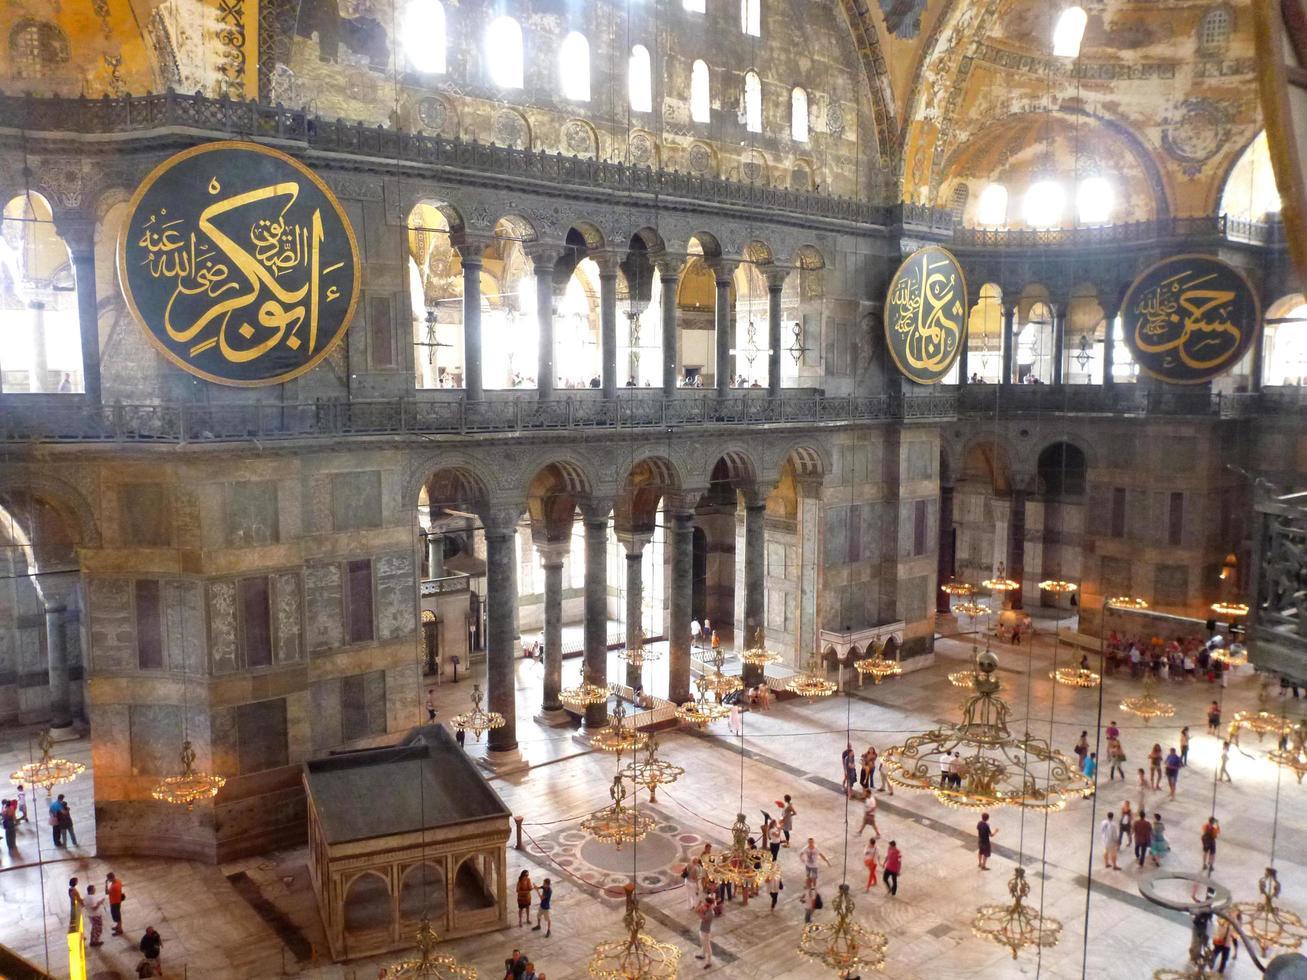 interno di Hagia Sophia all'interno. vista dall'alto dal balcone. antico tempio di istanbul. tacchino. foto